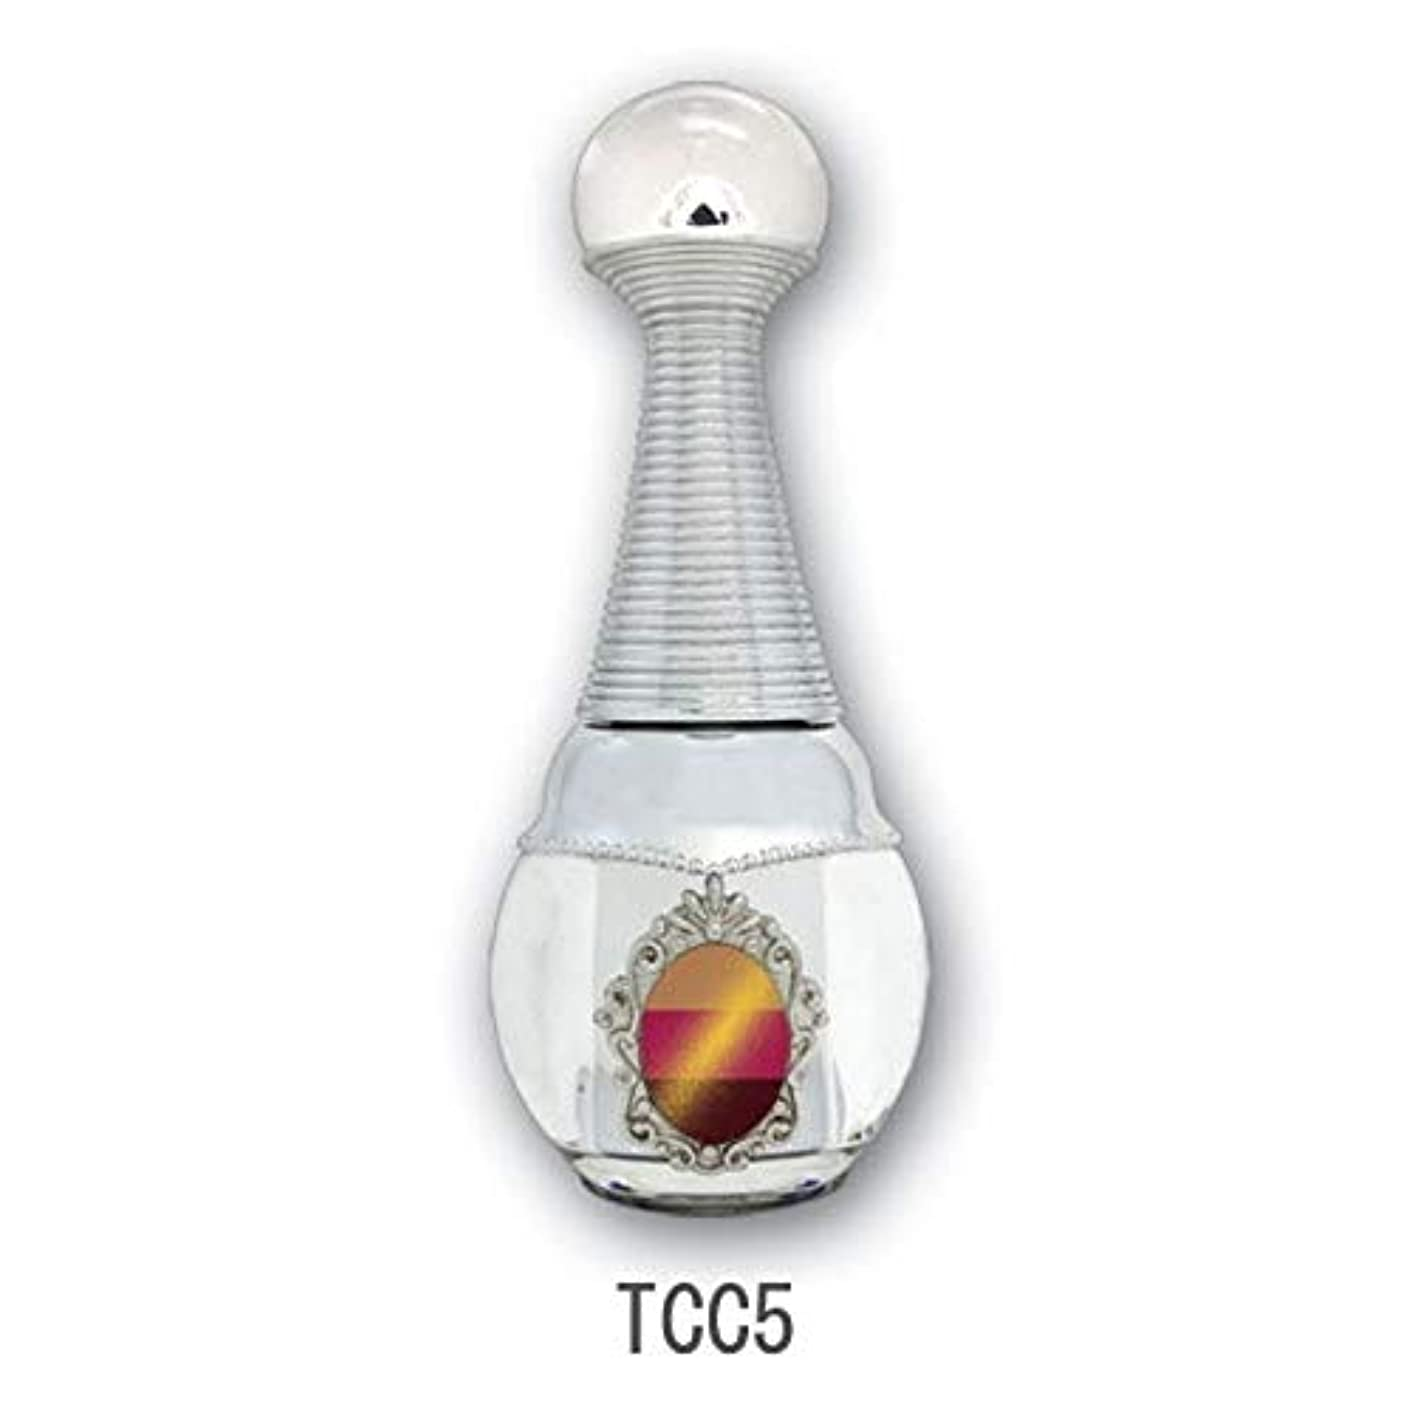 元気な簡単な探すKENZICO (ケンジコ) Triple Cat's Eye Gel 【TCC5】 トリプルキャッツアイ 10m プロ用 3つの色に変わる キャッツアイジェル